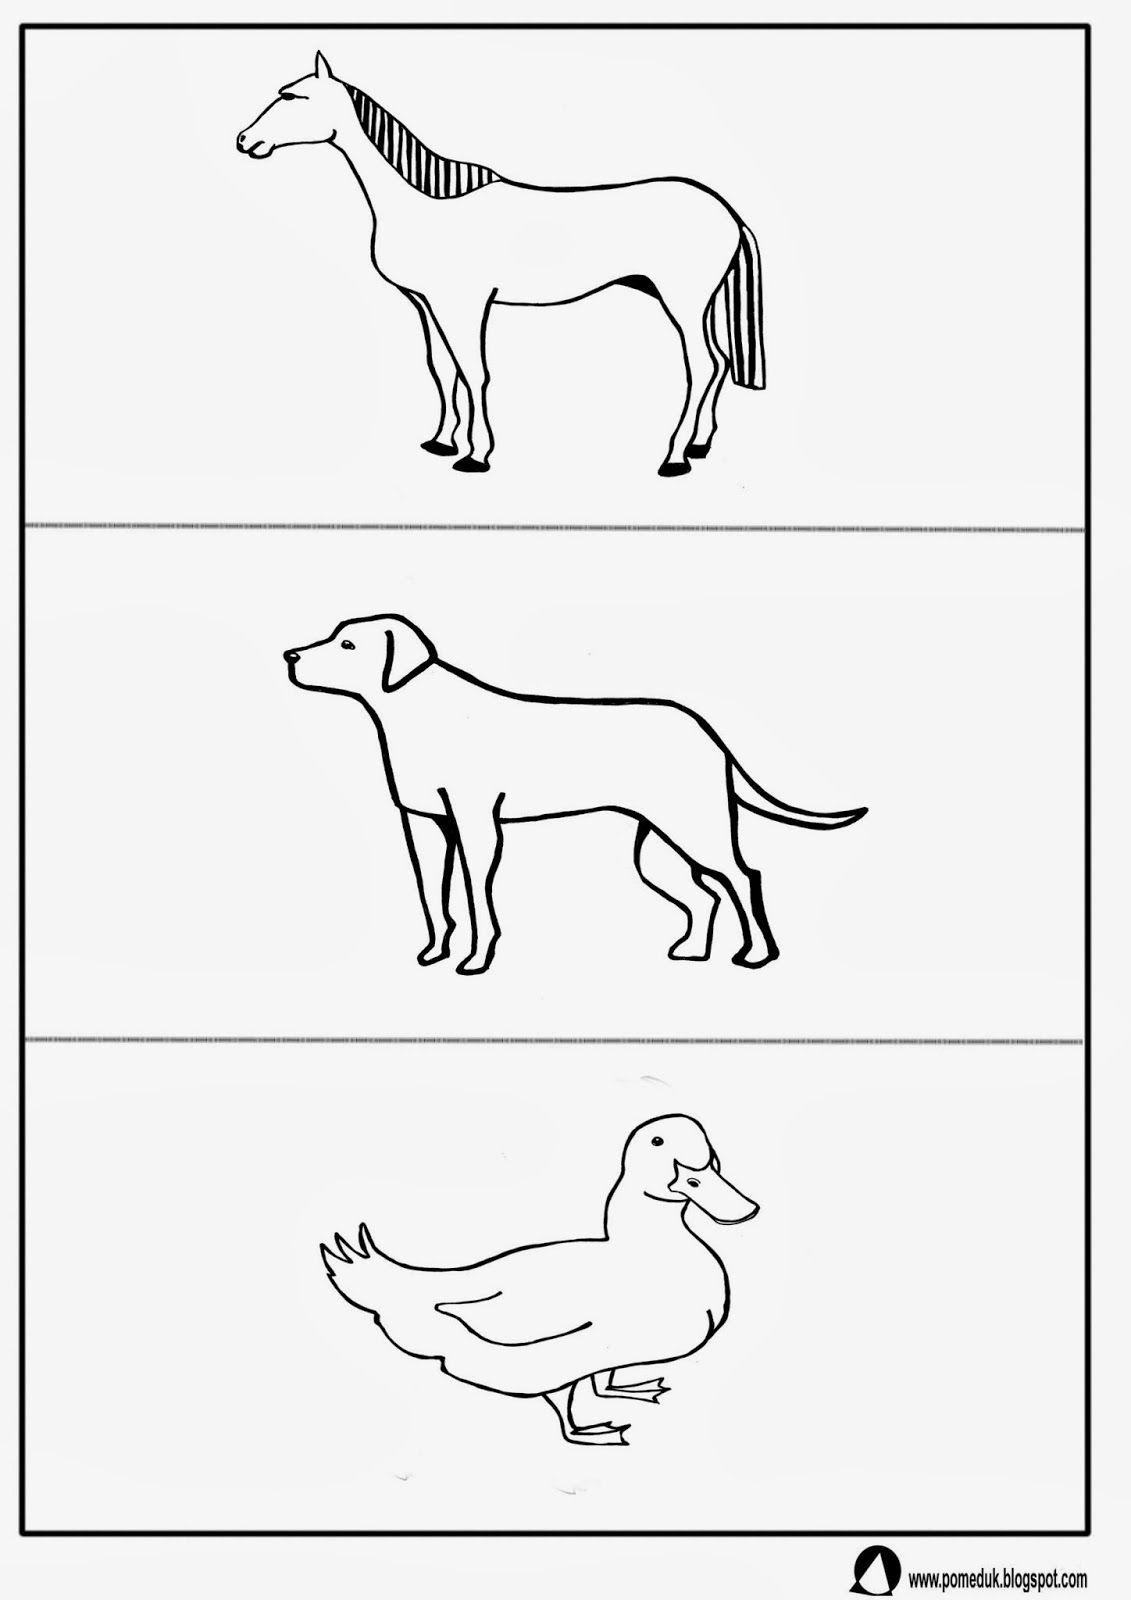 Obrazki Logopedyczne Nasladowanie Odglosow Zwierzat Moose Art Animals Fictional Characters